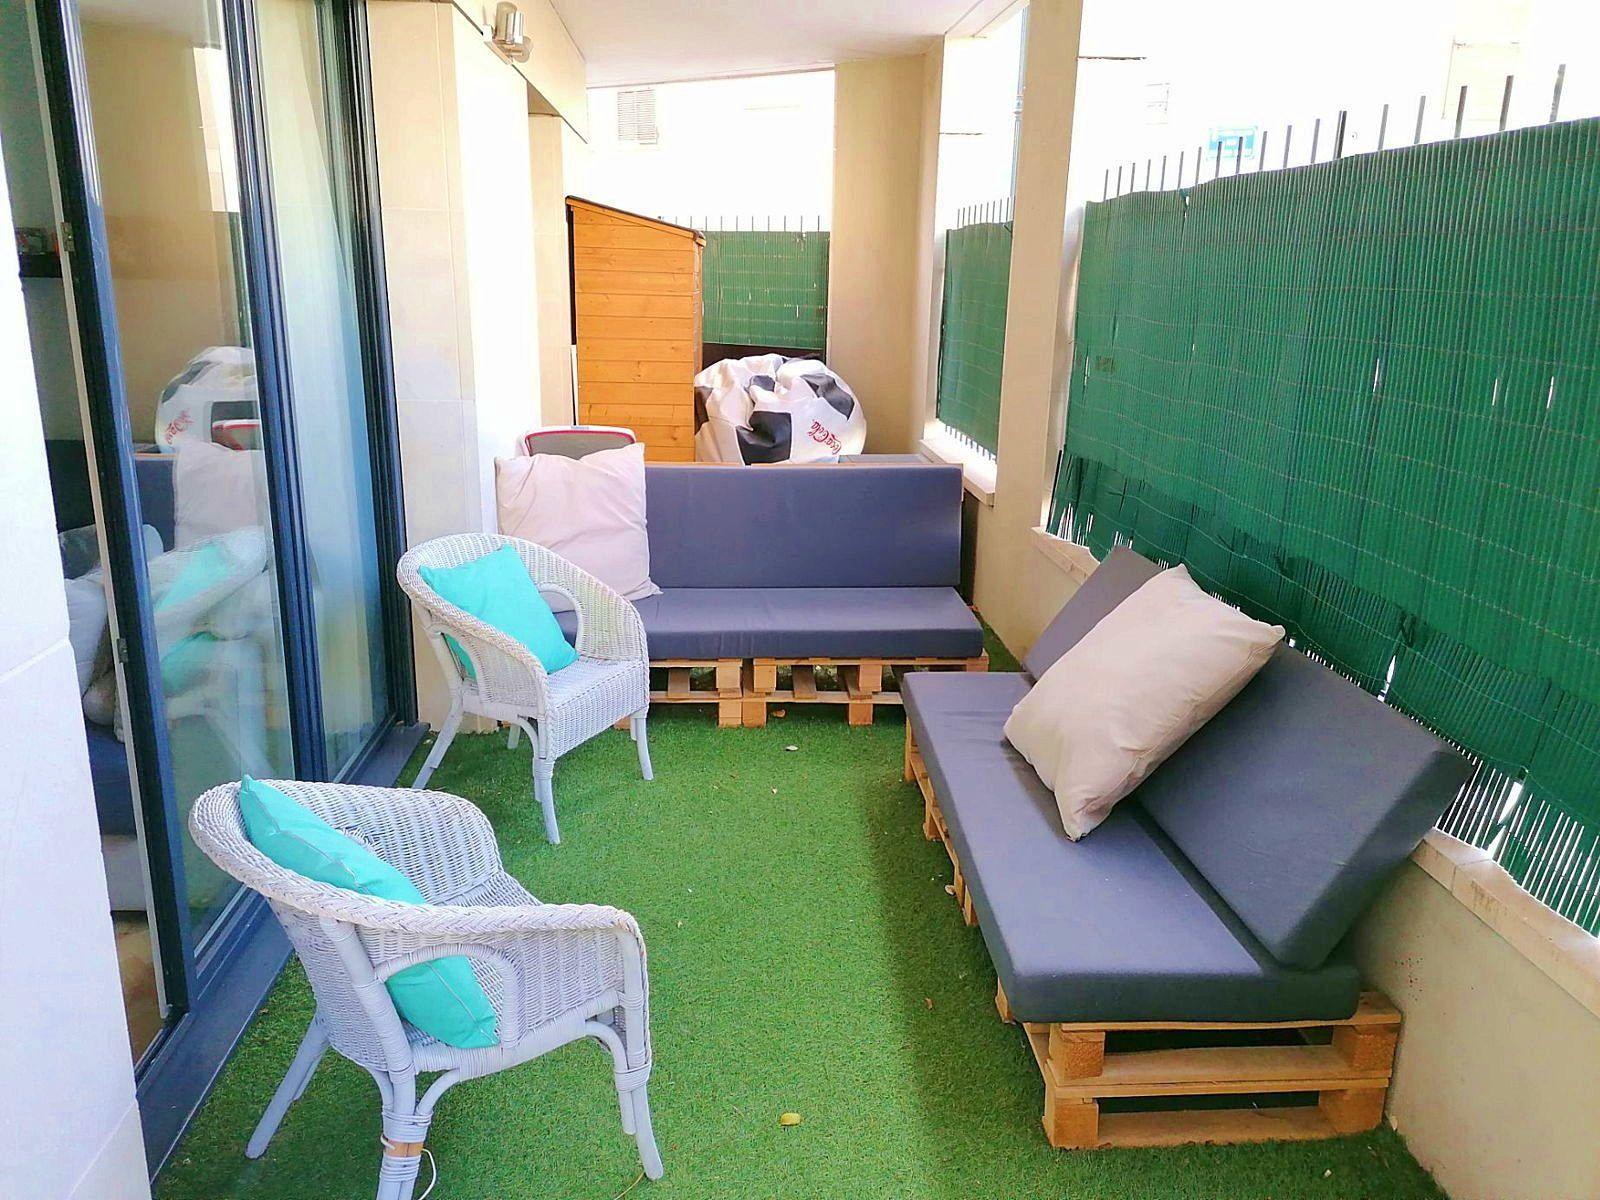 Vends appartement 2chambres 72m² - Asnières-sur-Seine (92)